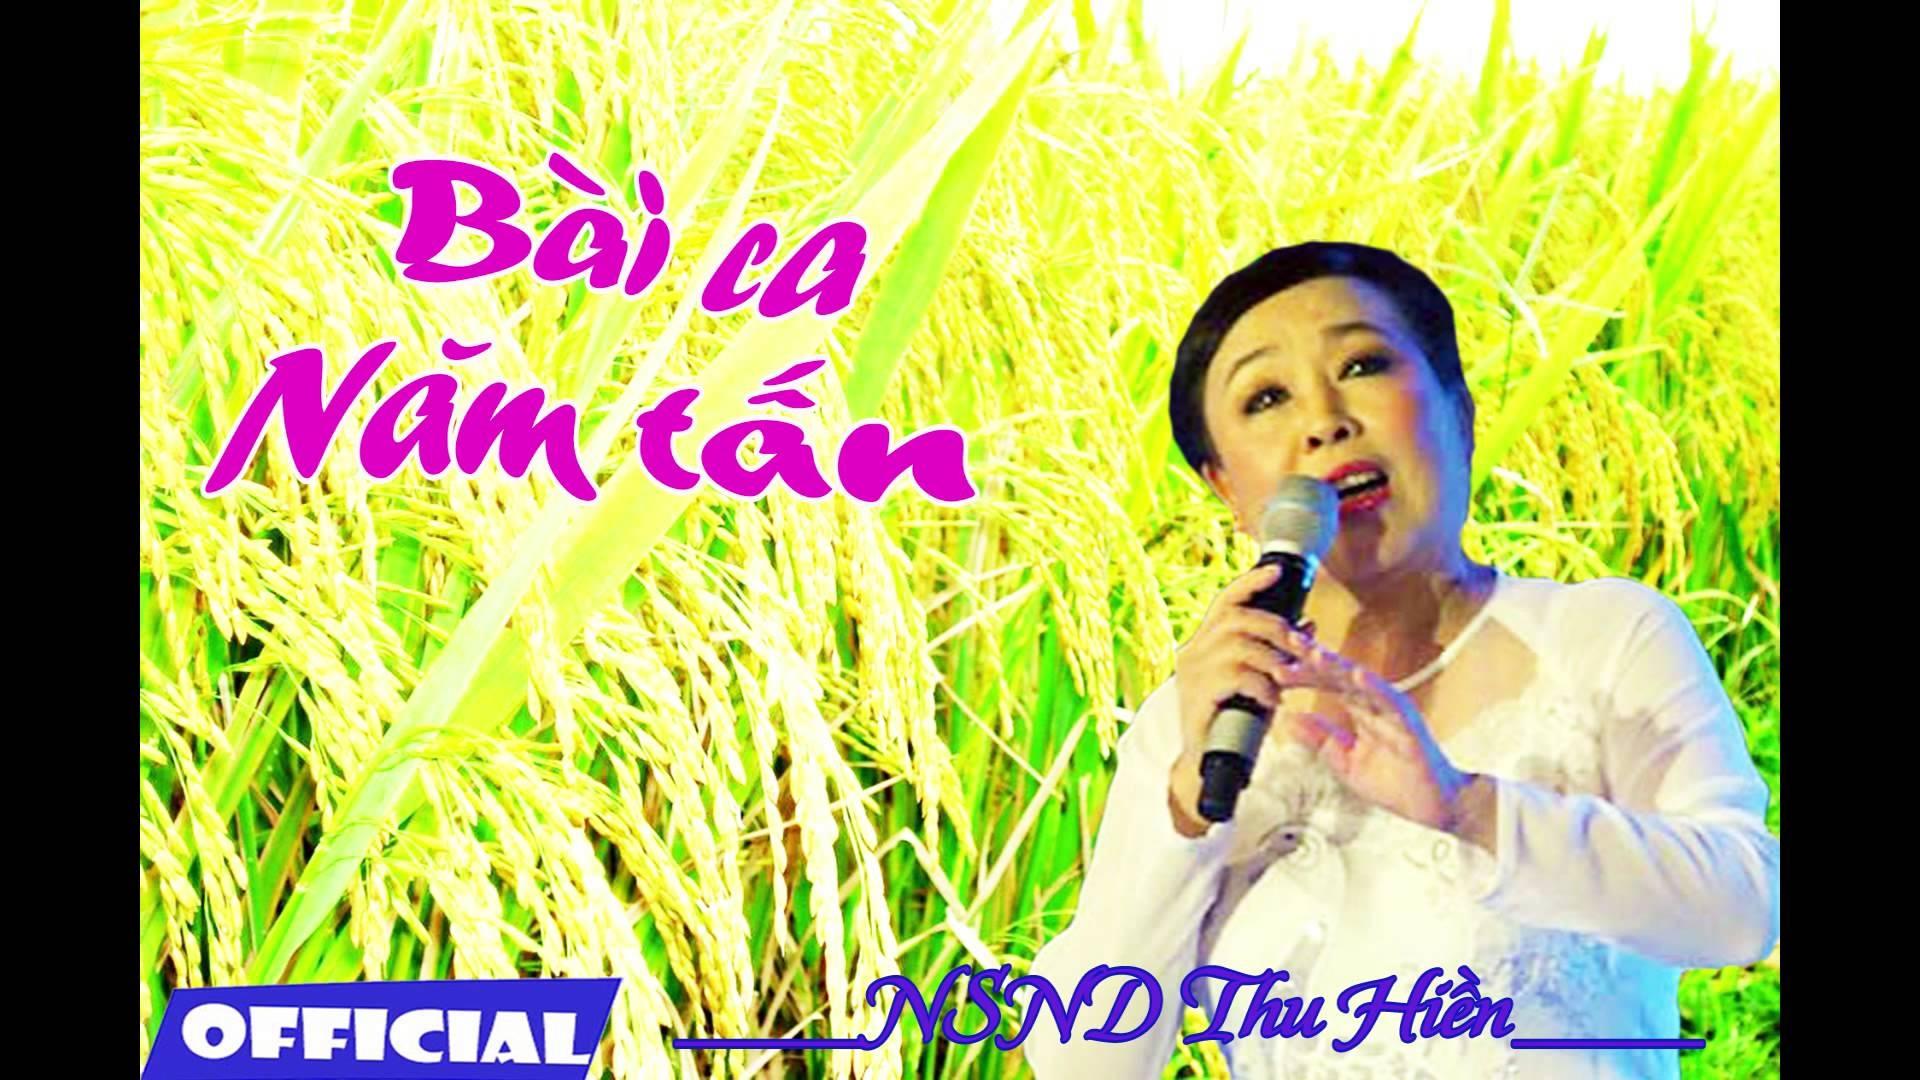 cai-nhac-chuong-hay-cuc-chat-bai-ca-nam-tan-nhacchuong-net